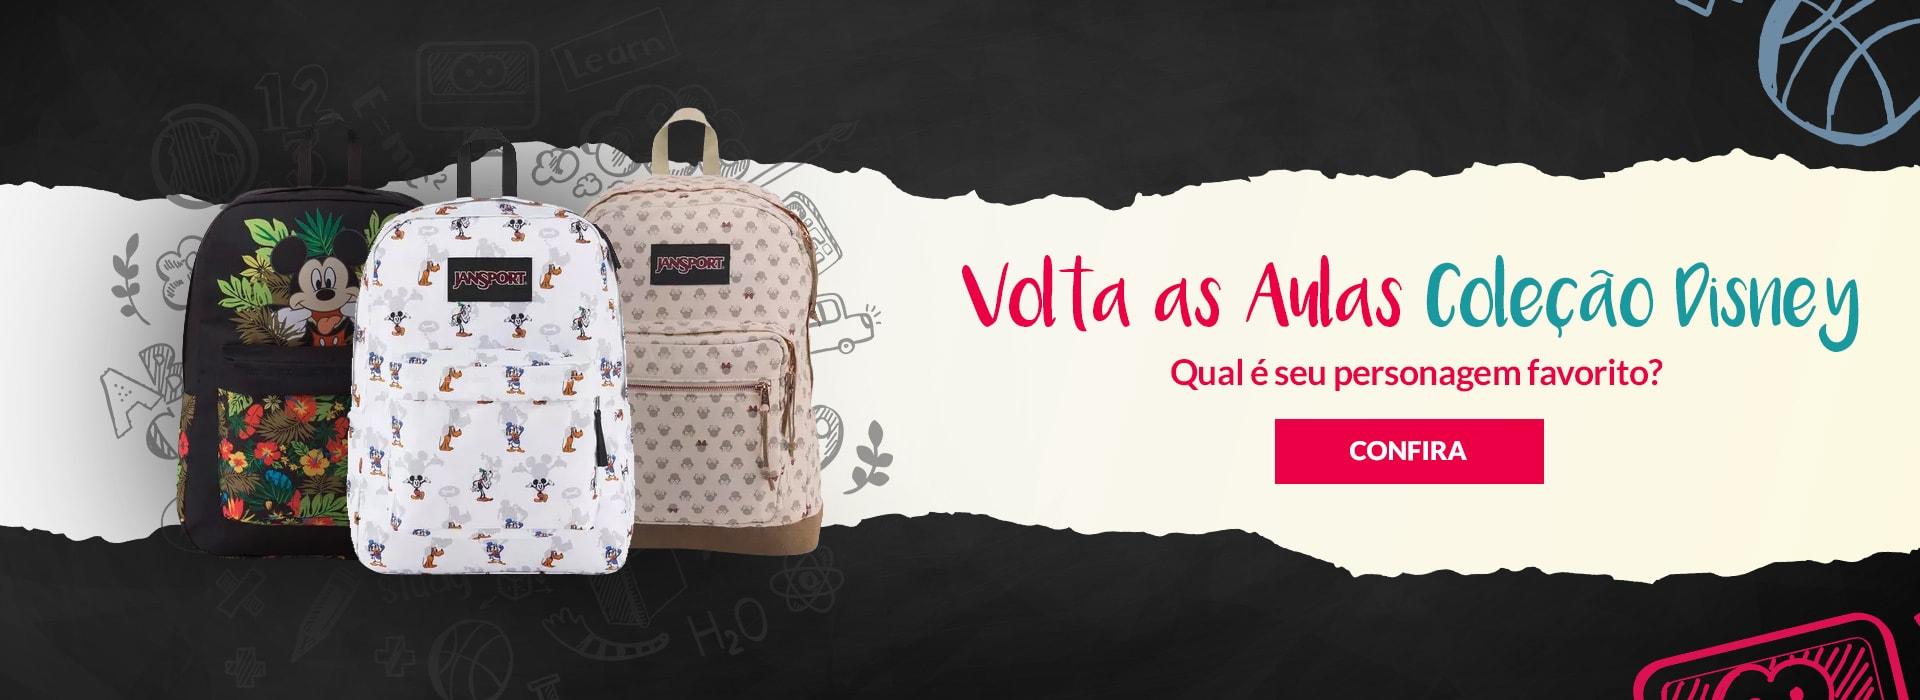 Banner 2 - Volta Aulas JanSport